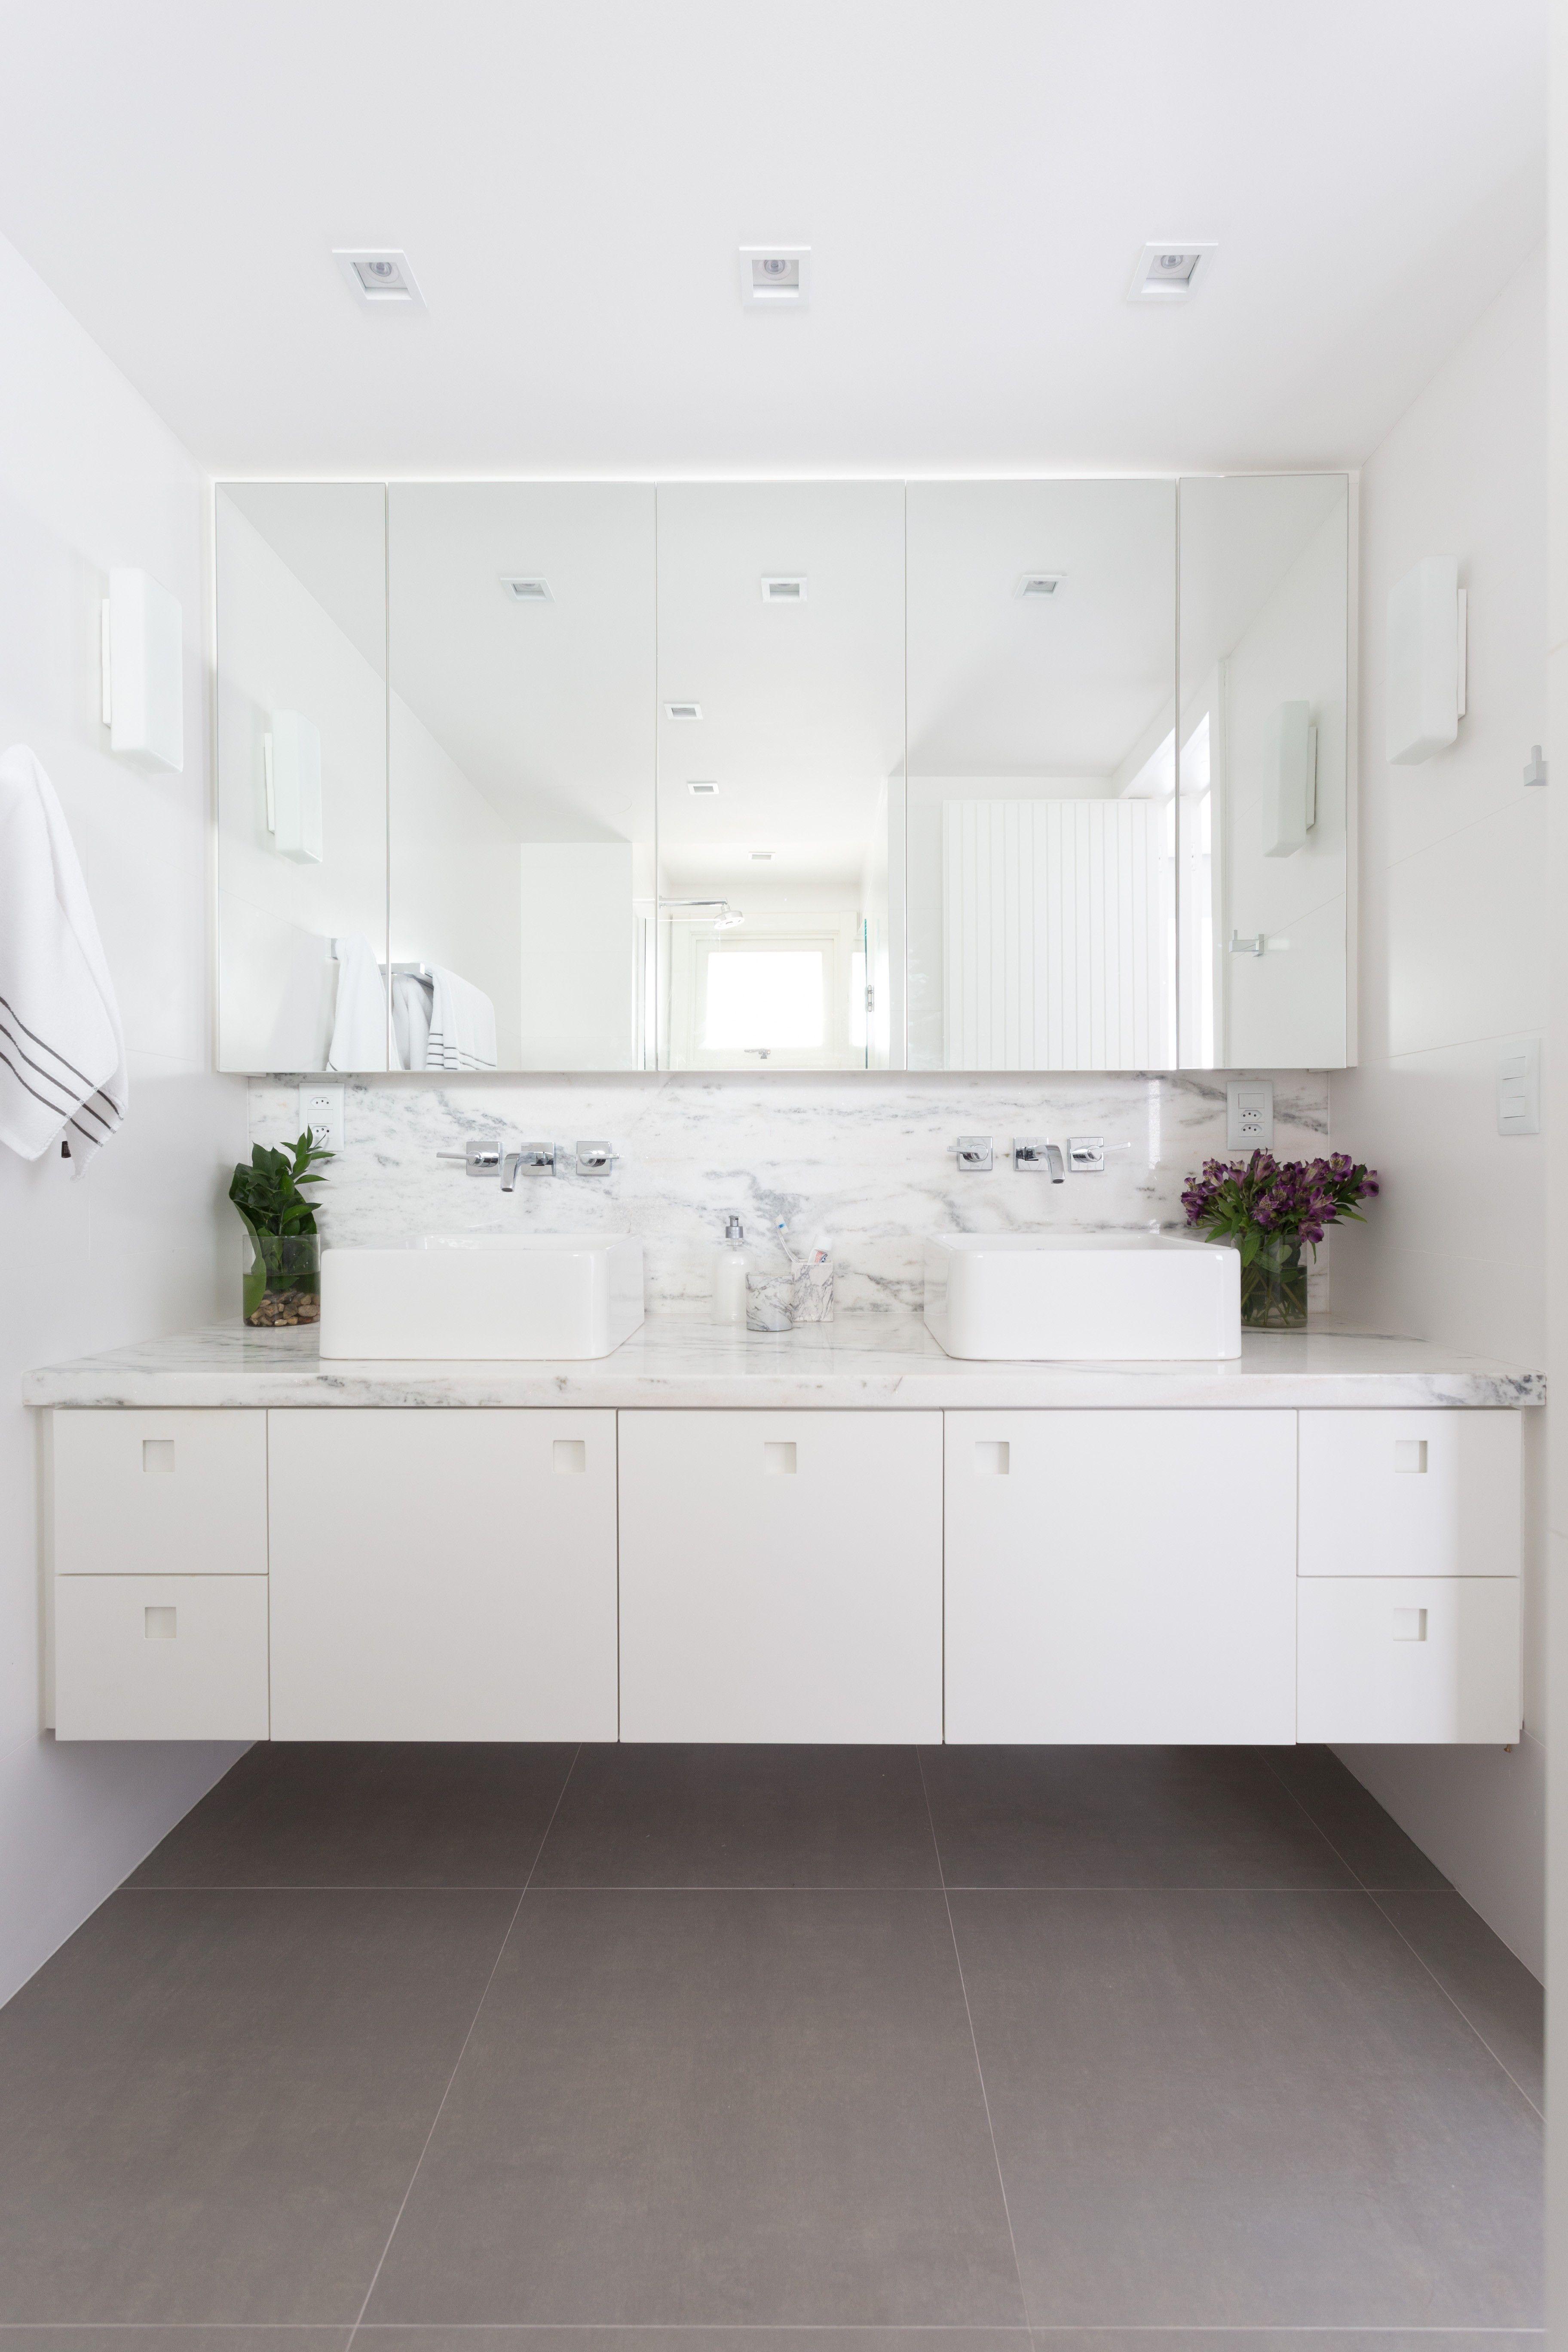 Haus außentor design com décor minimalista e paleta neutra o projeto aposta em